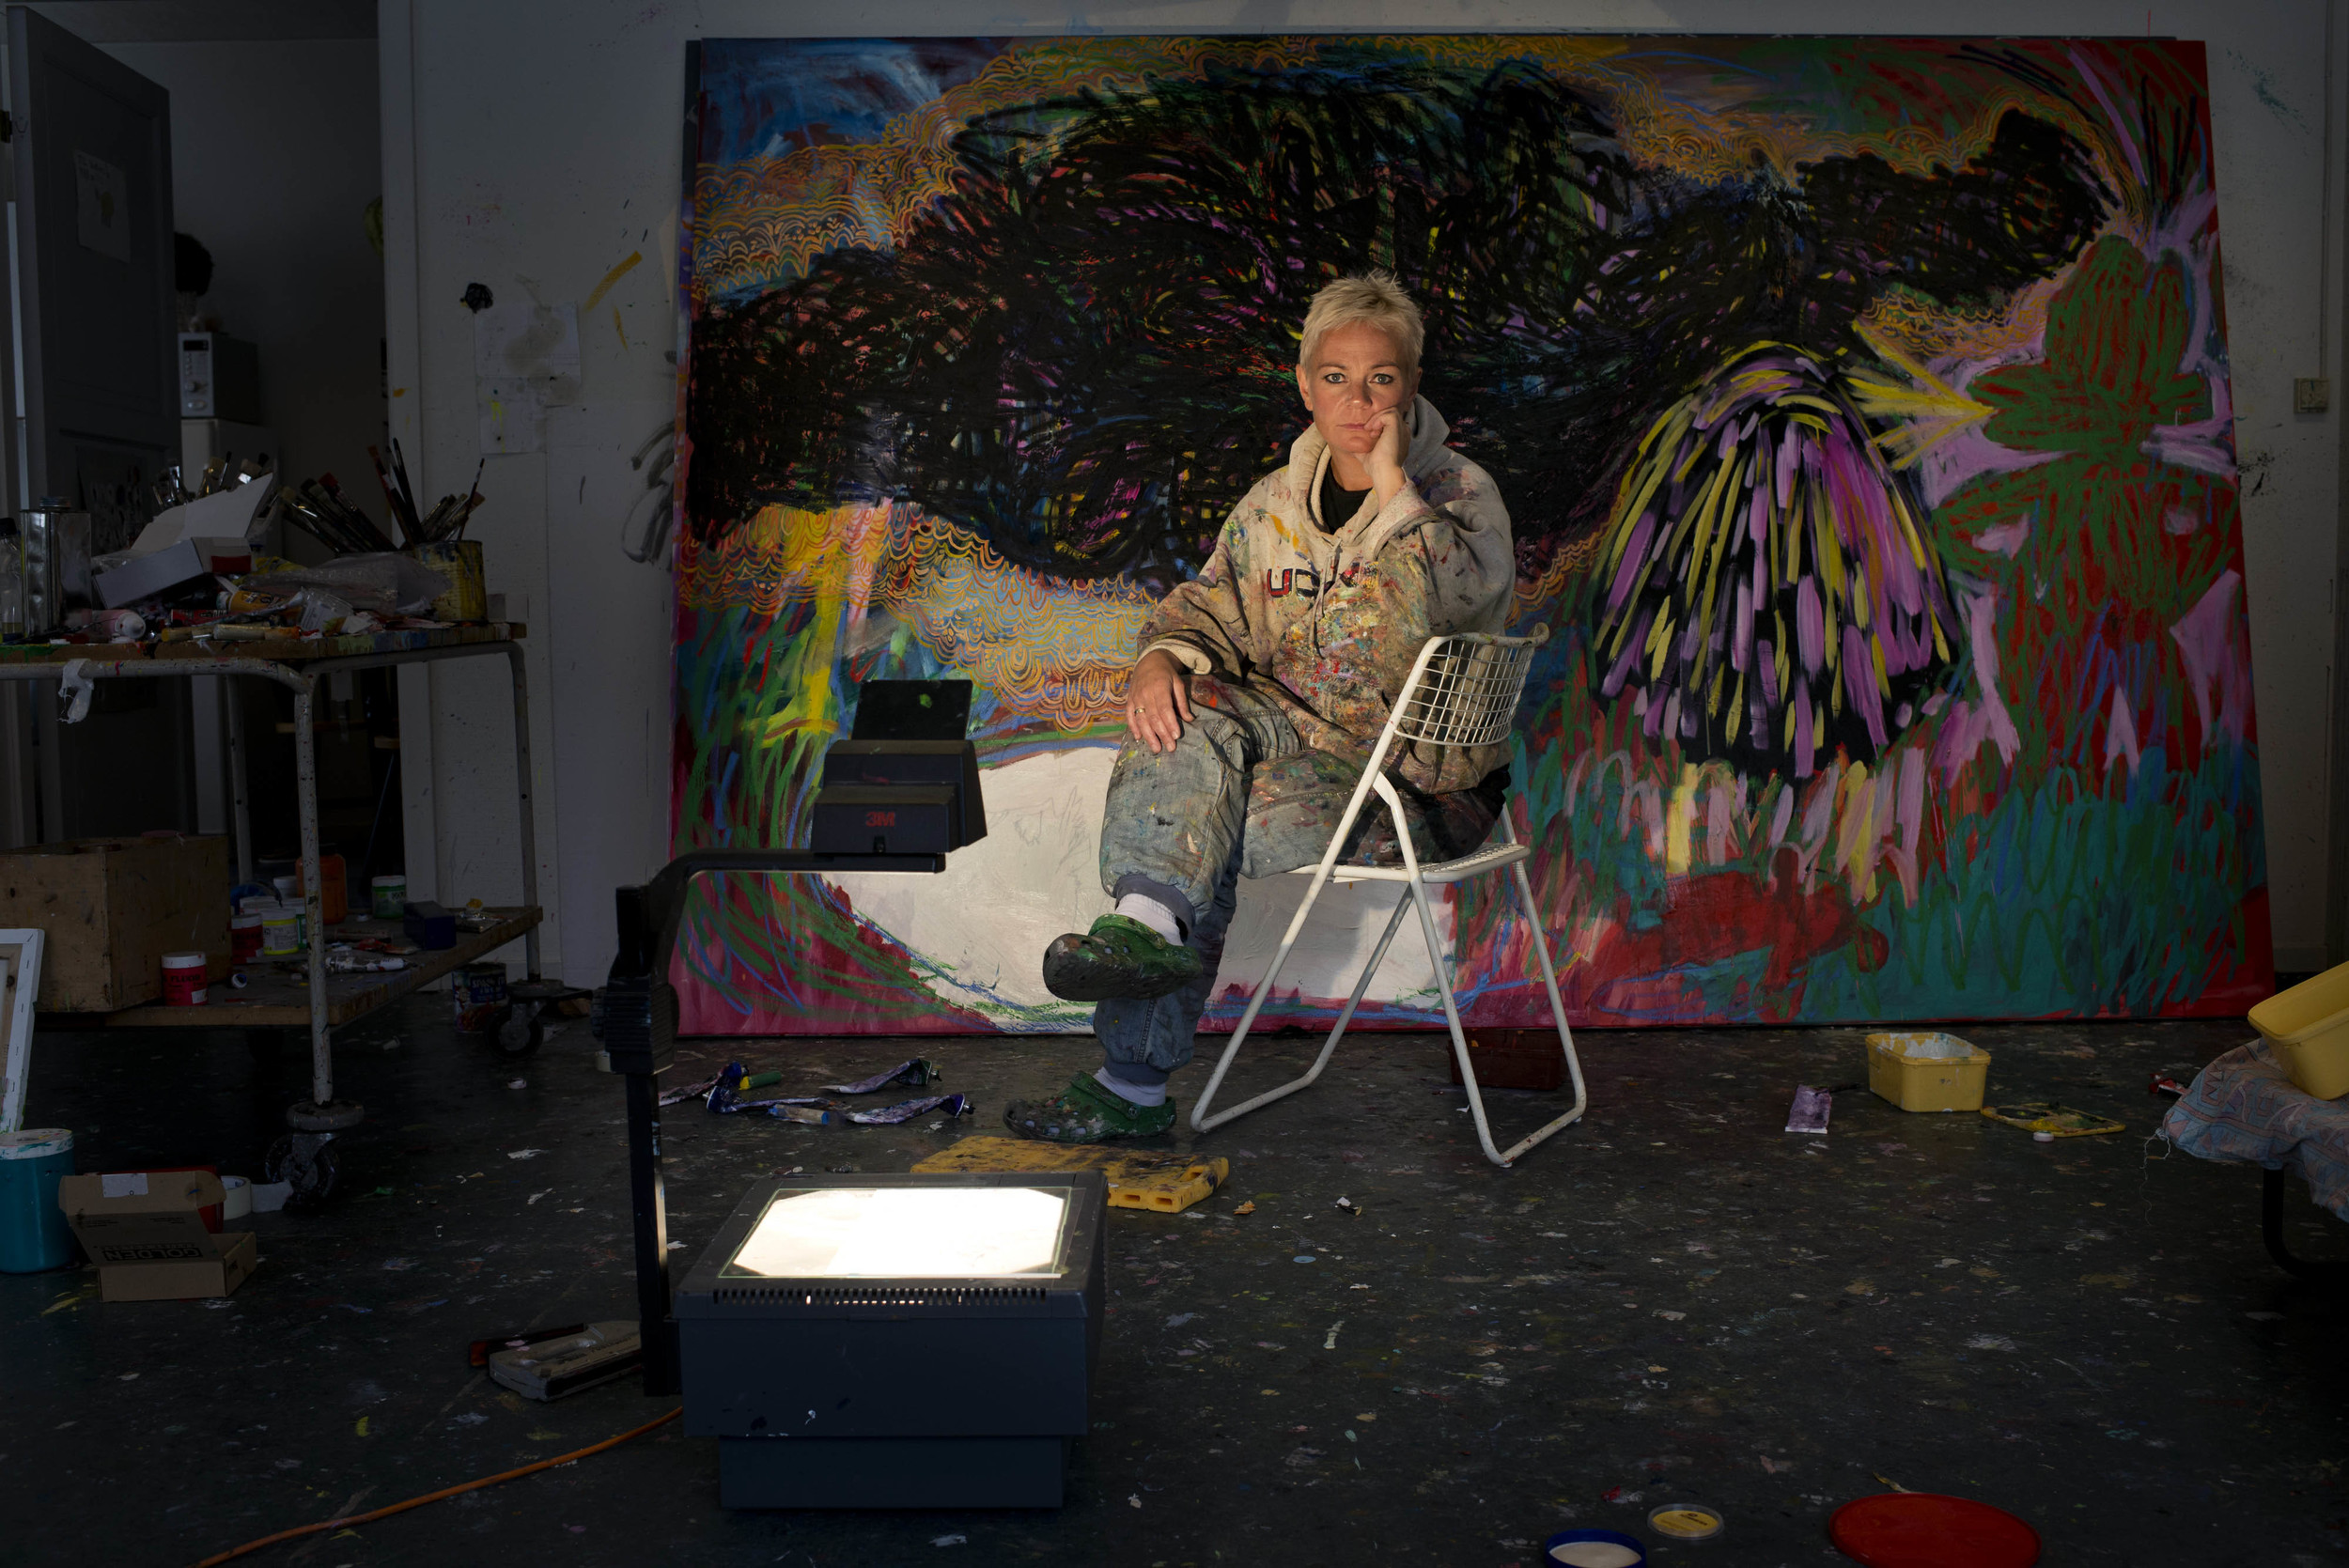 Natasja Askelund, artist